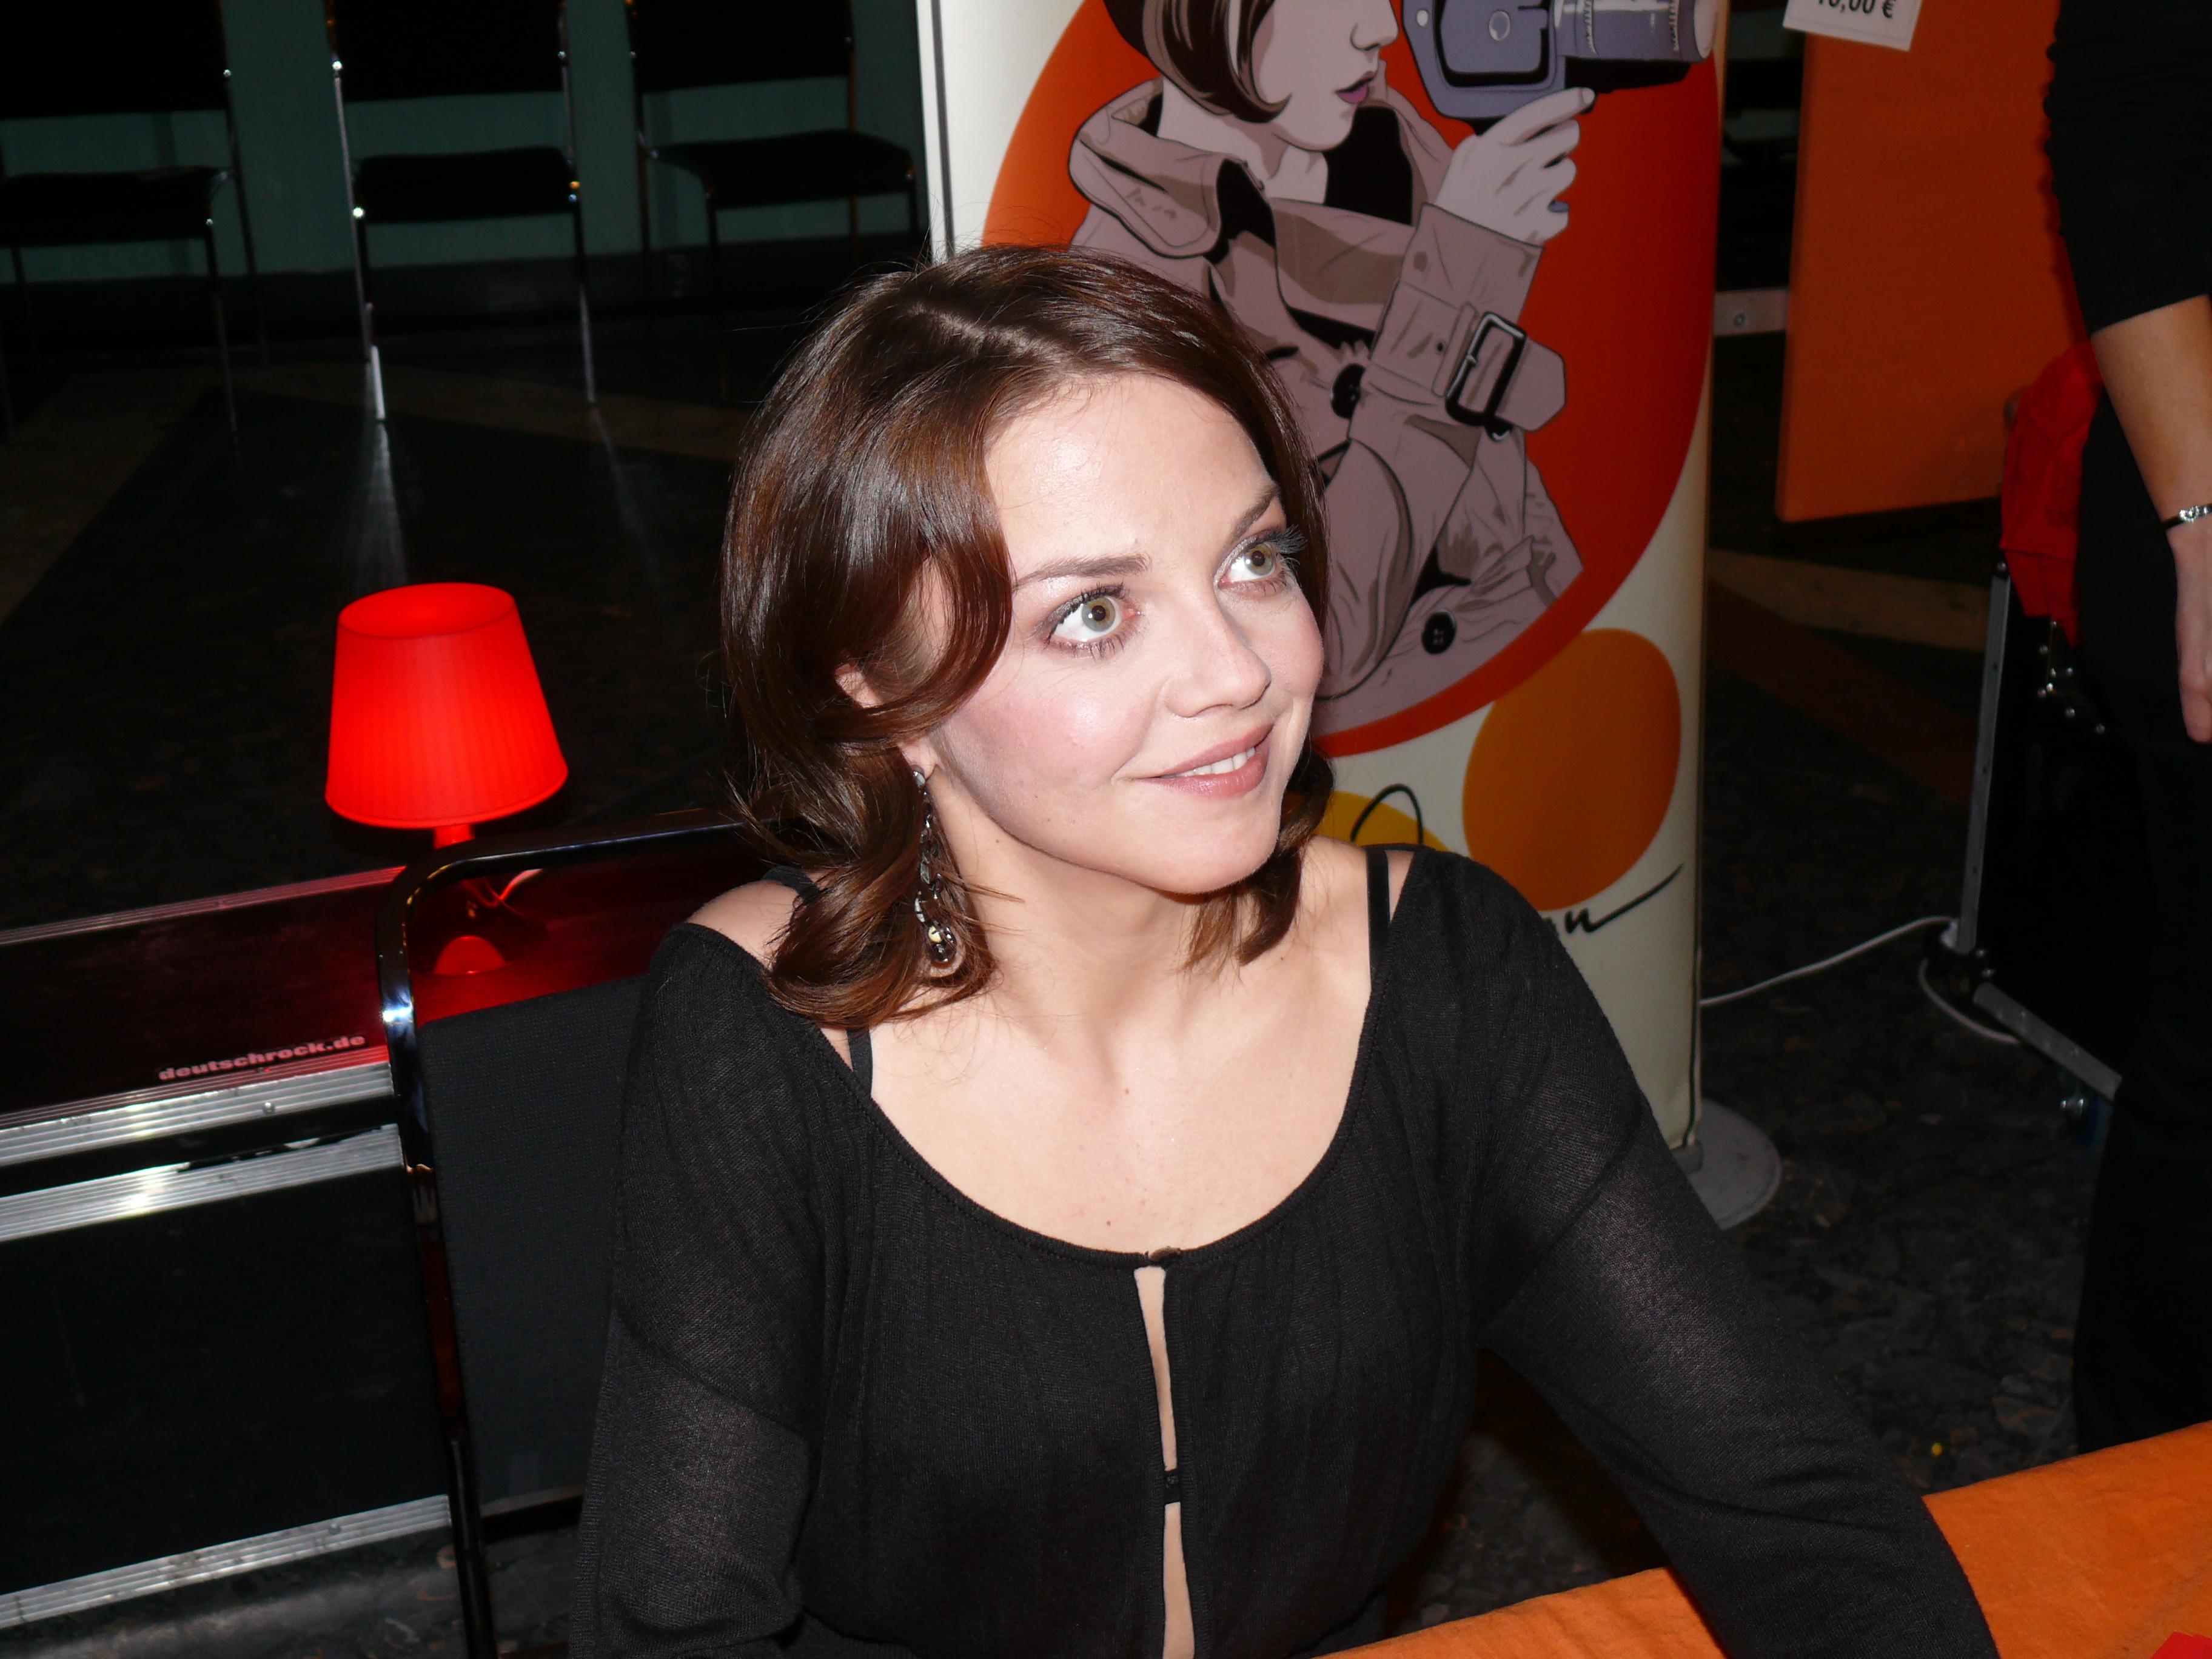 Annett Louisan - Wikipedia